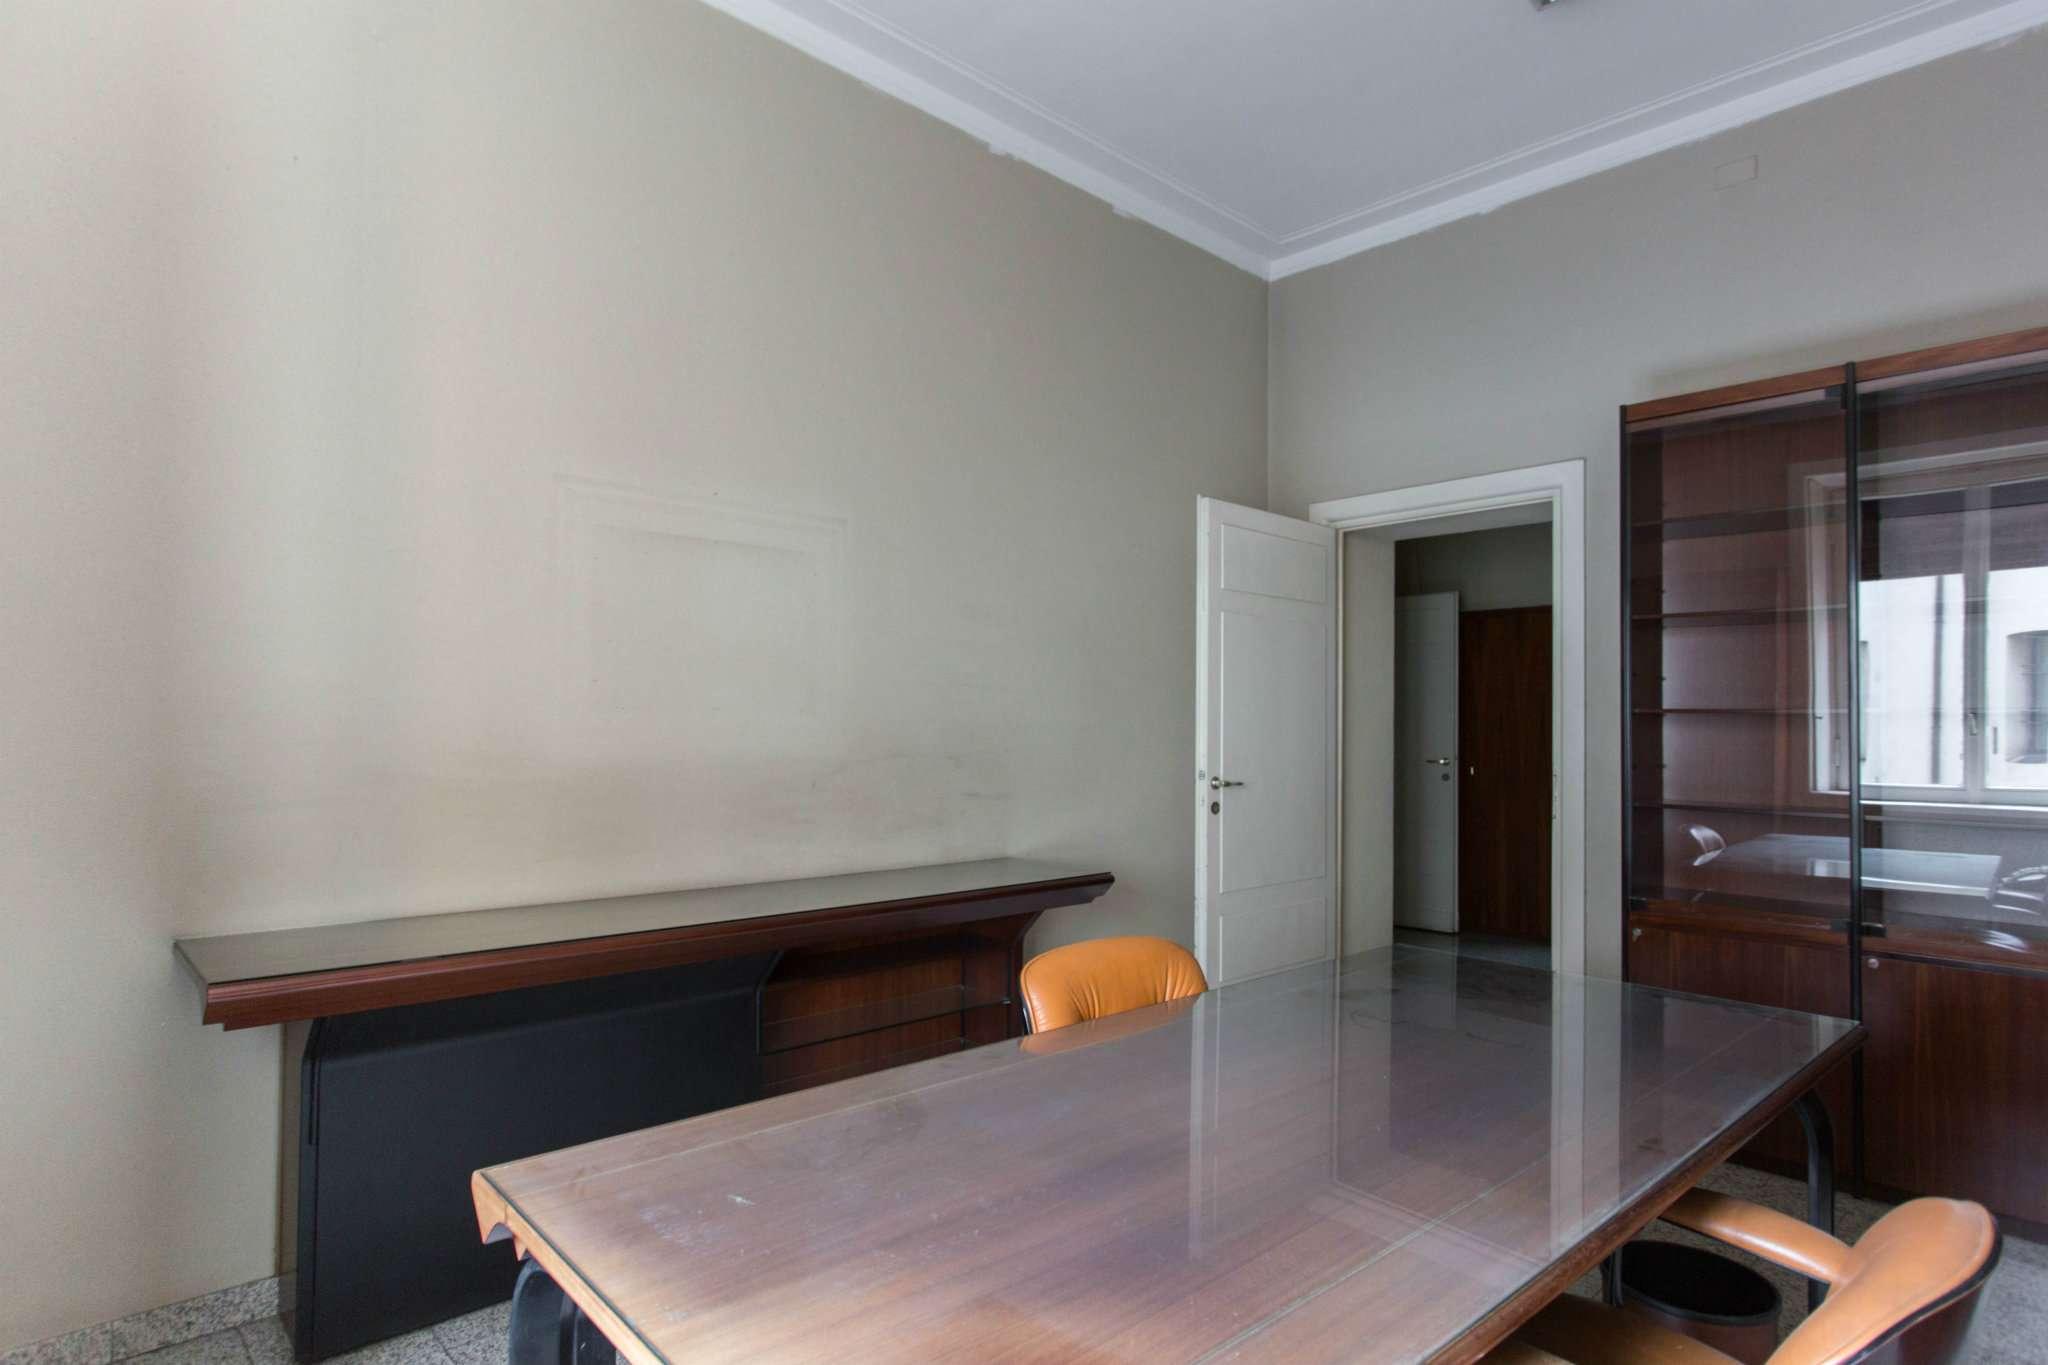 Appartamento in Vendita a Milano 01 Centro storico (Cerchia dei Navigli): 4 locali, 125 mq